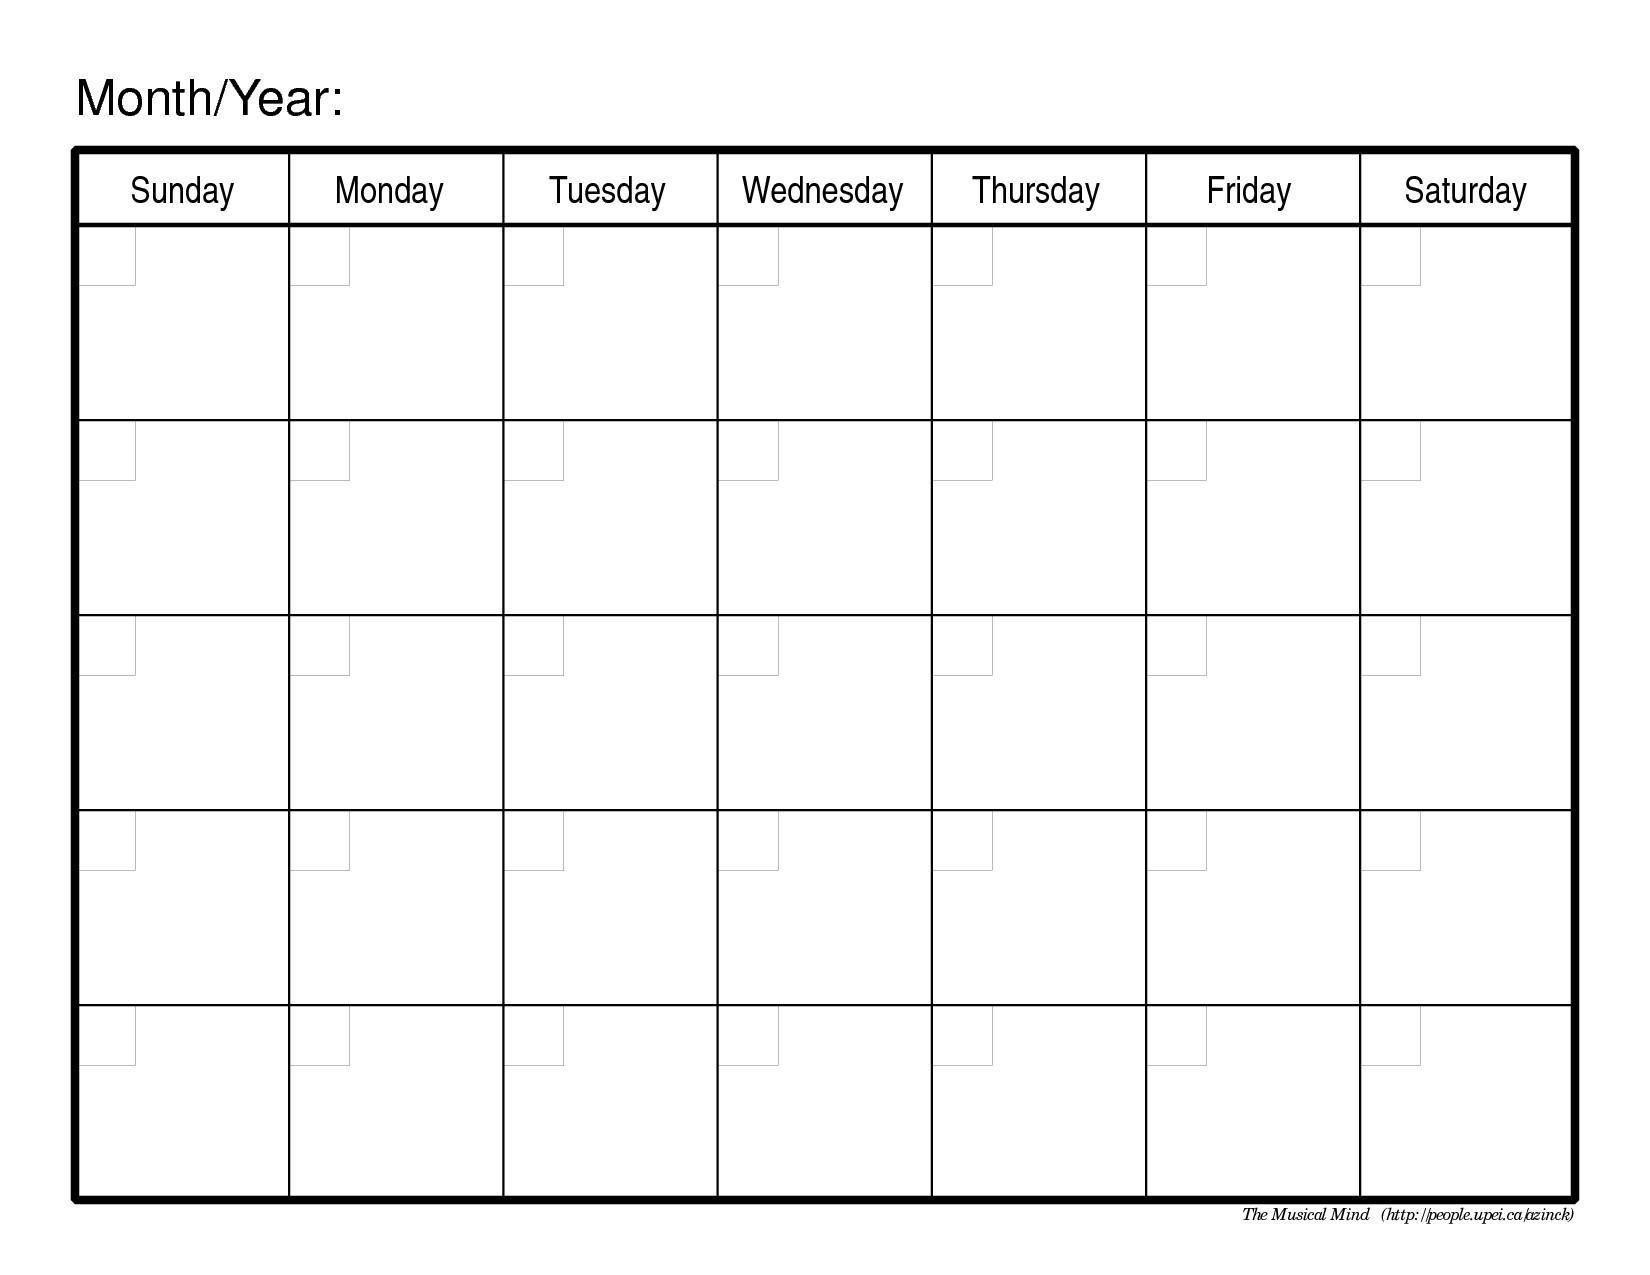 Calendario 2017 Para Imprimir Com Feriados Por Mes Recientes Informaci³n Make A 2019 Calendar In Excel Of Calendario 2017 Para Imprimir Com Feriados Por Mes Más Recientes organizador Planning Semanal Imprimible Planeando Y T